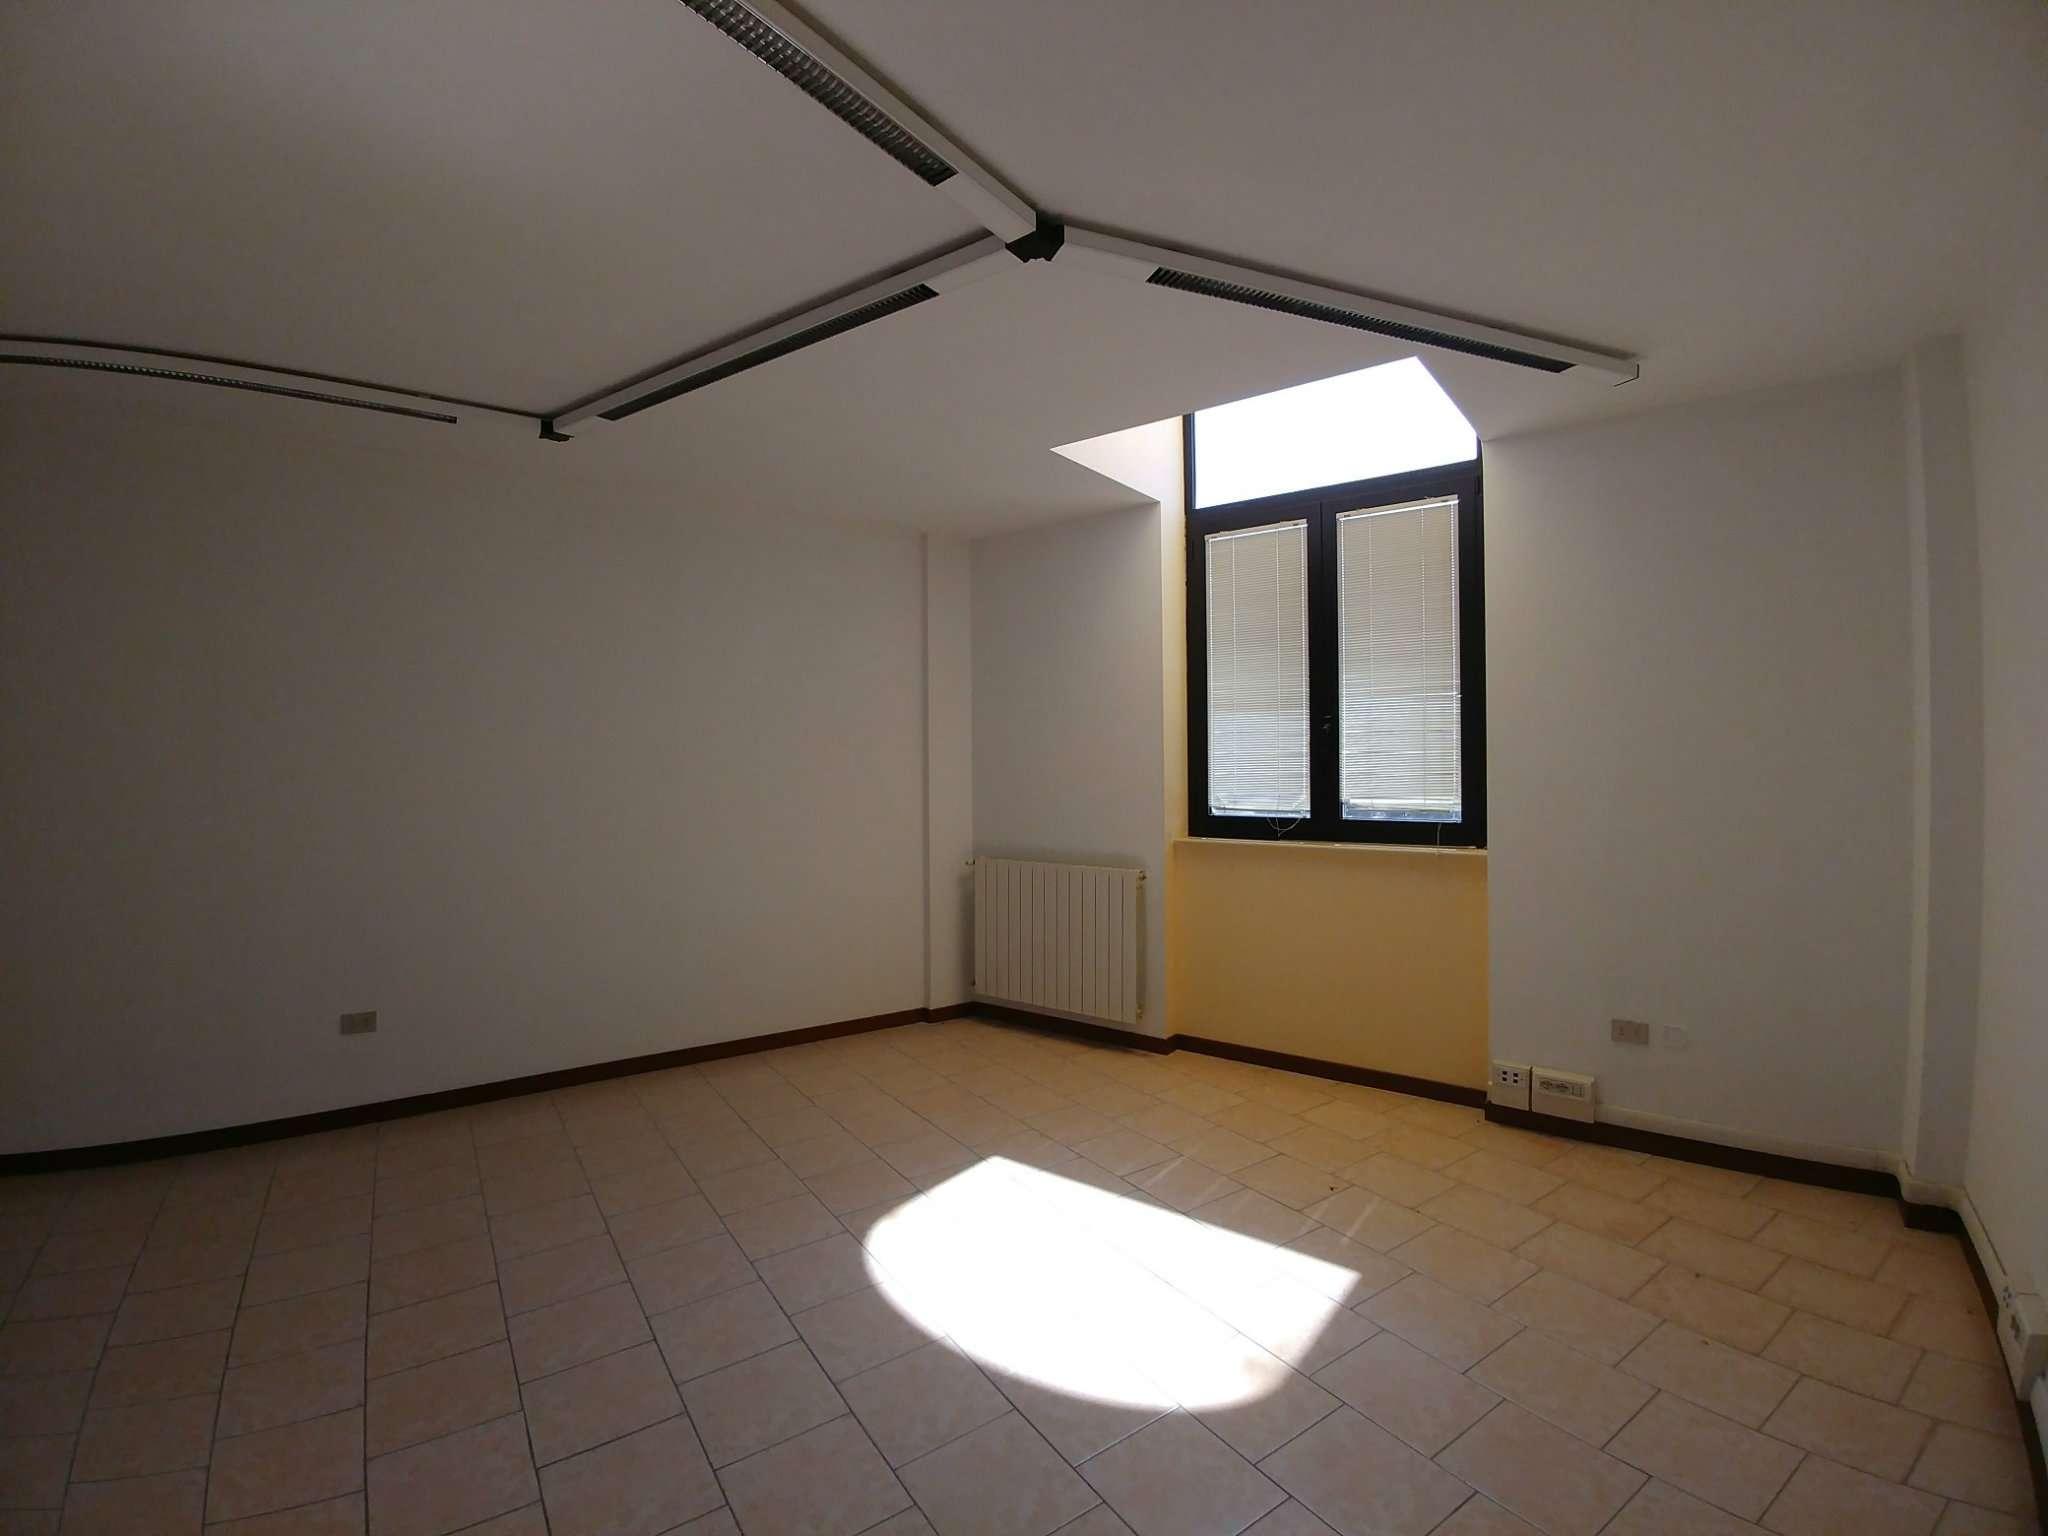 Ufficio / Studio in Affitto a Pessano con Bornago